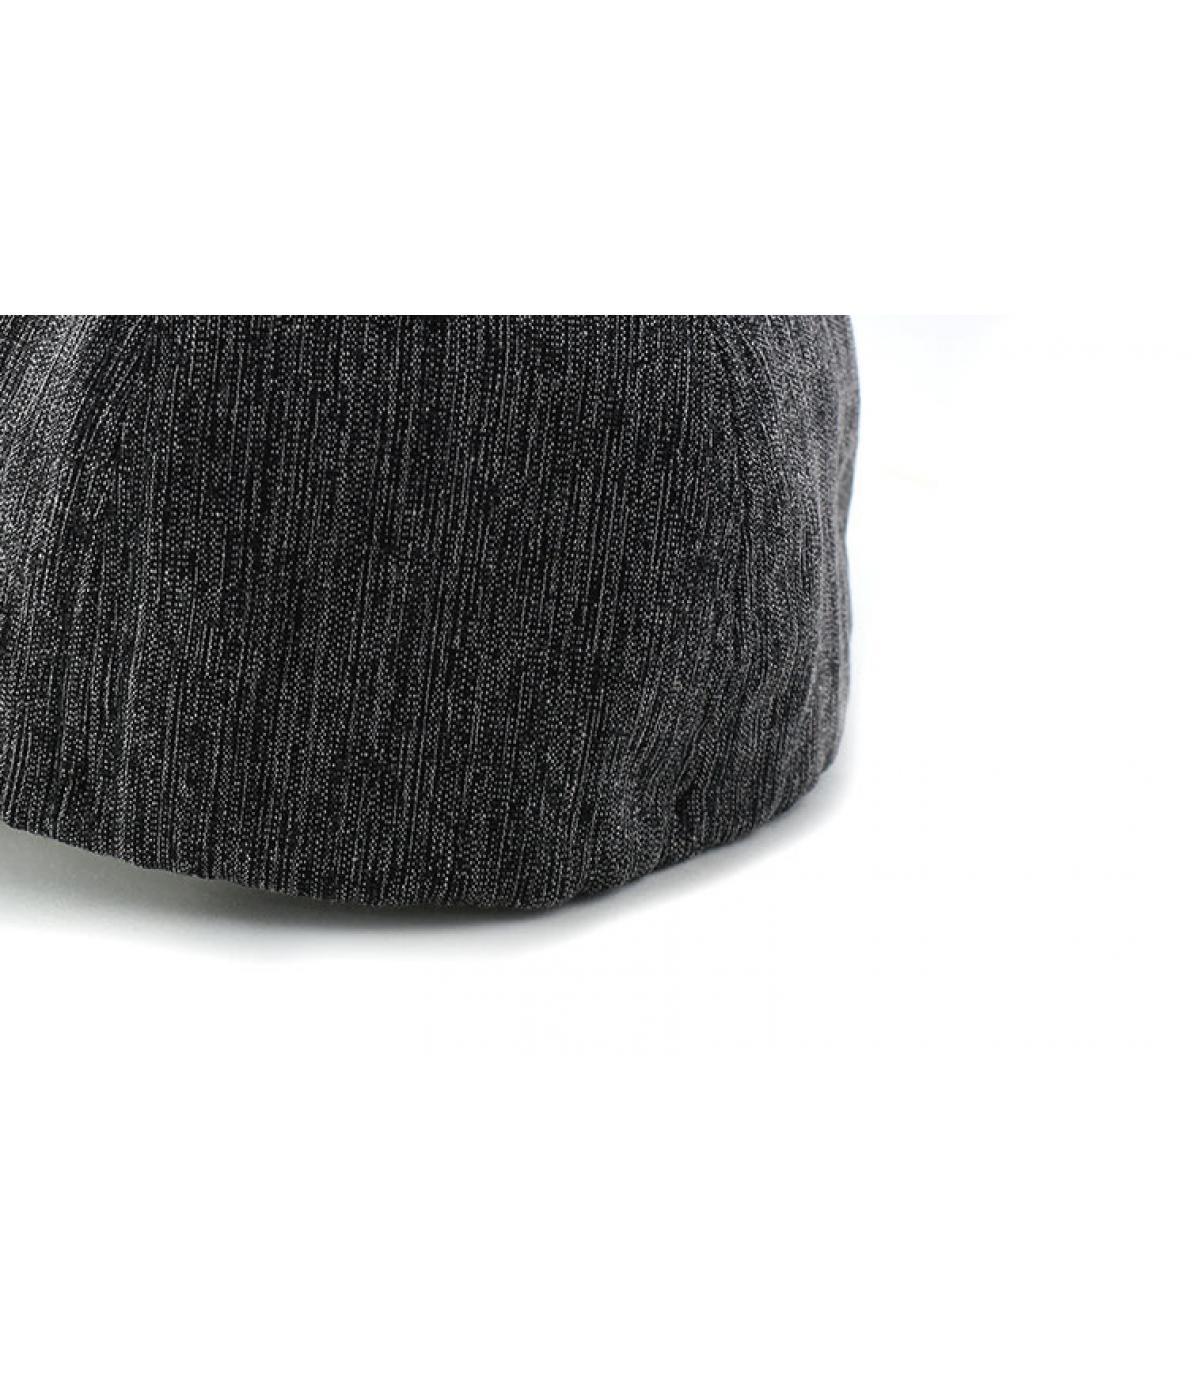 Détails Deep Down black woven - image 5